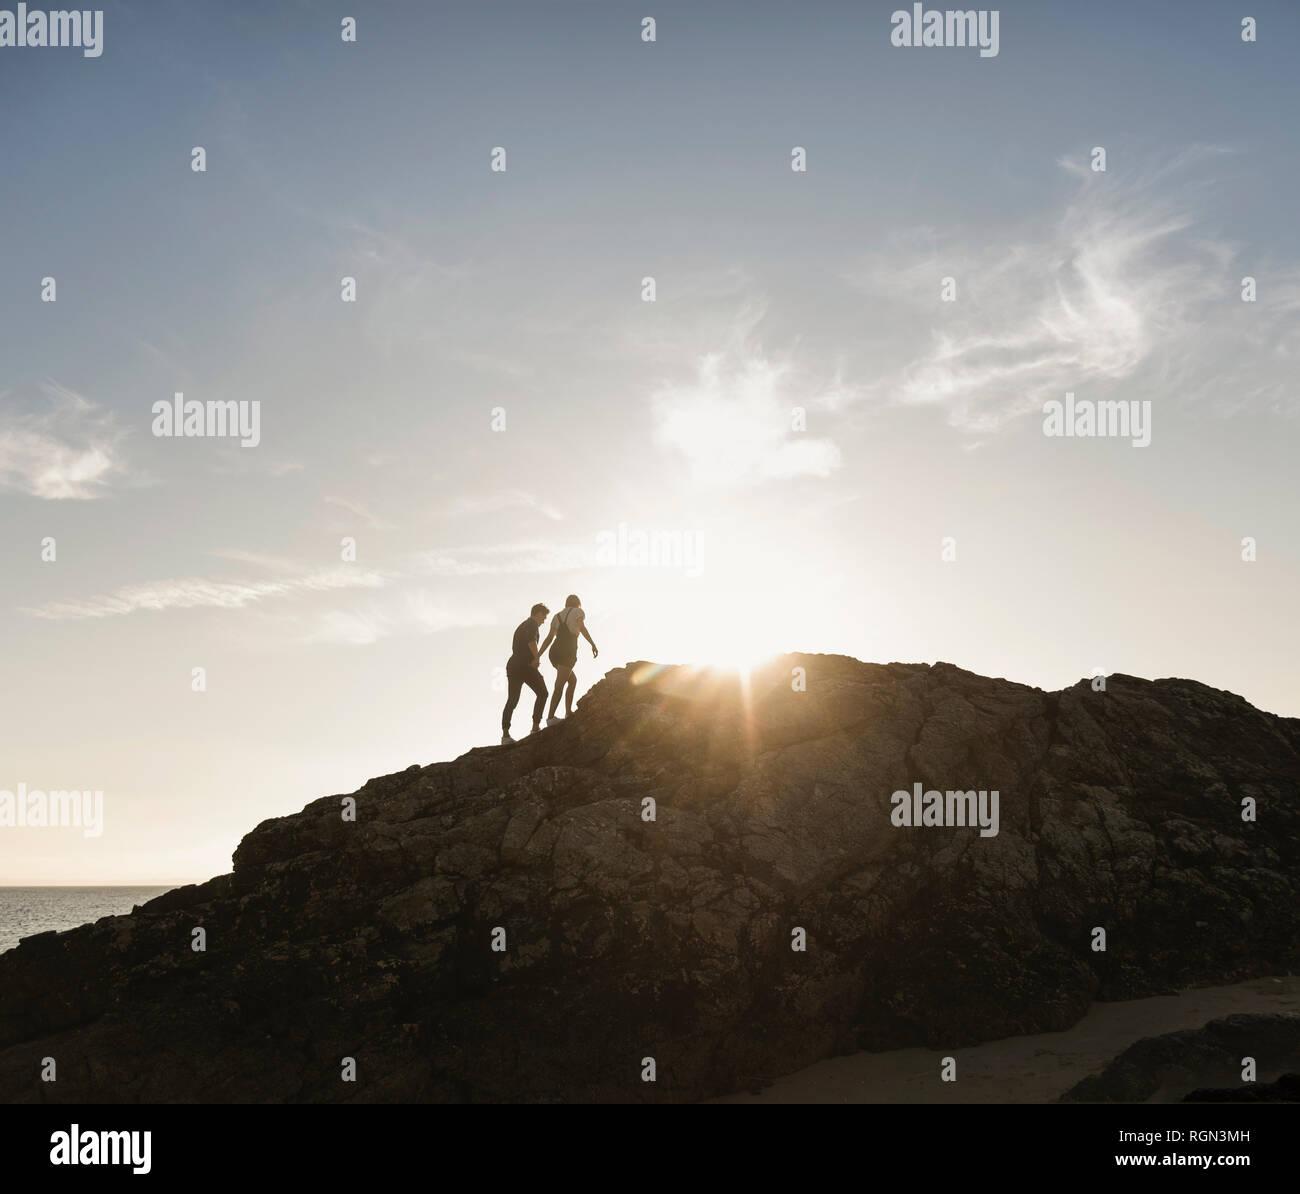 Francia, Bretaña, joven pareja de escalada en roca en la playa en el atardecer. Foto de stock